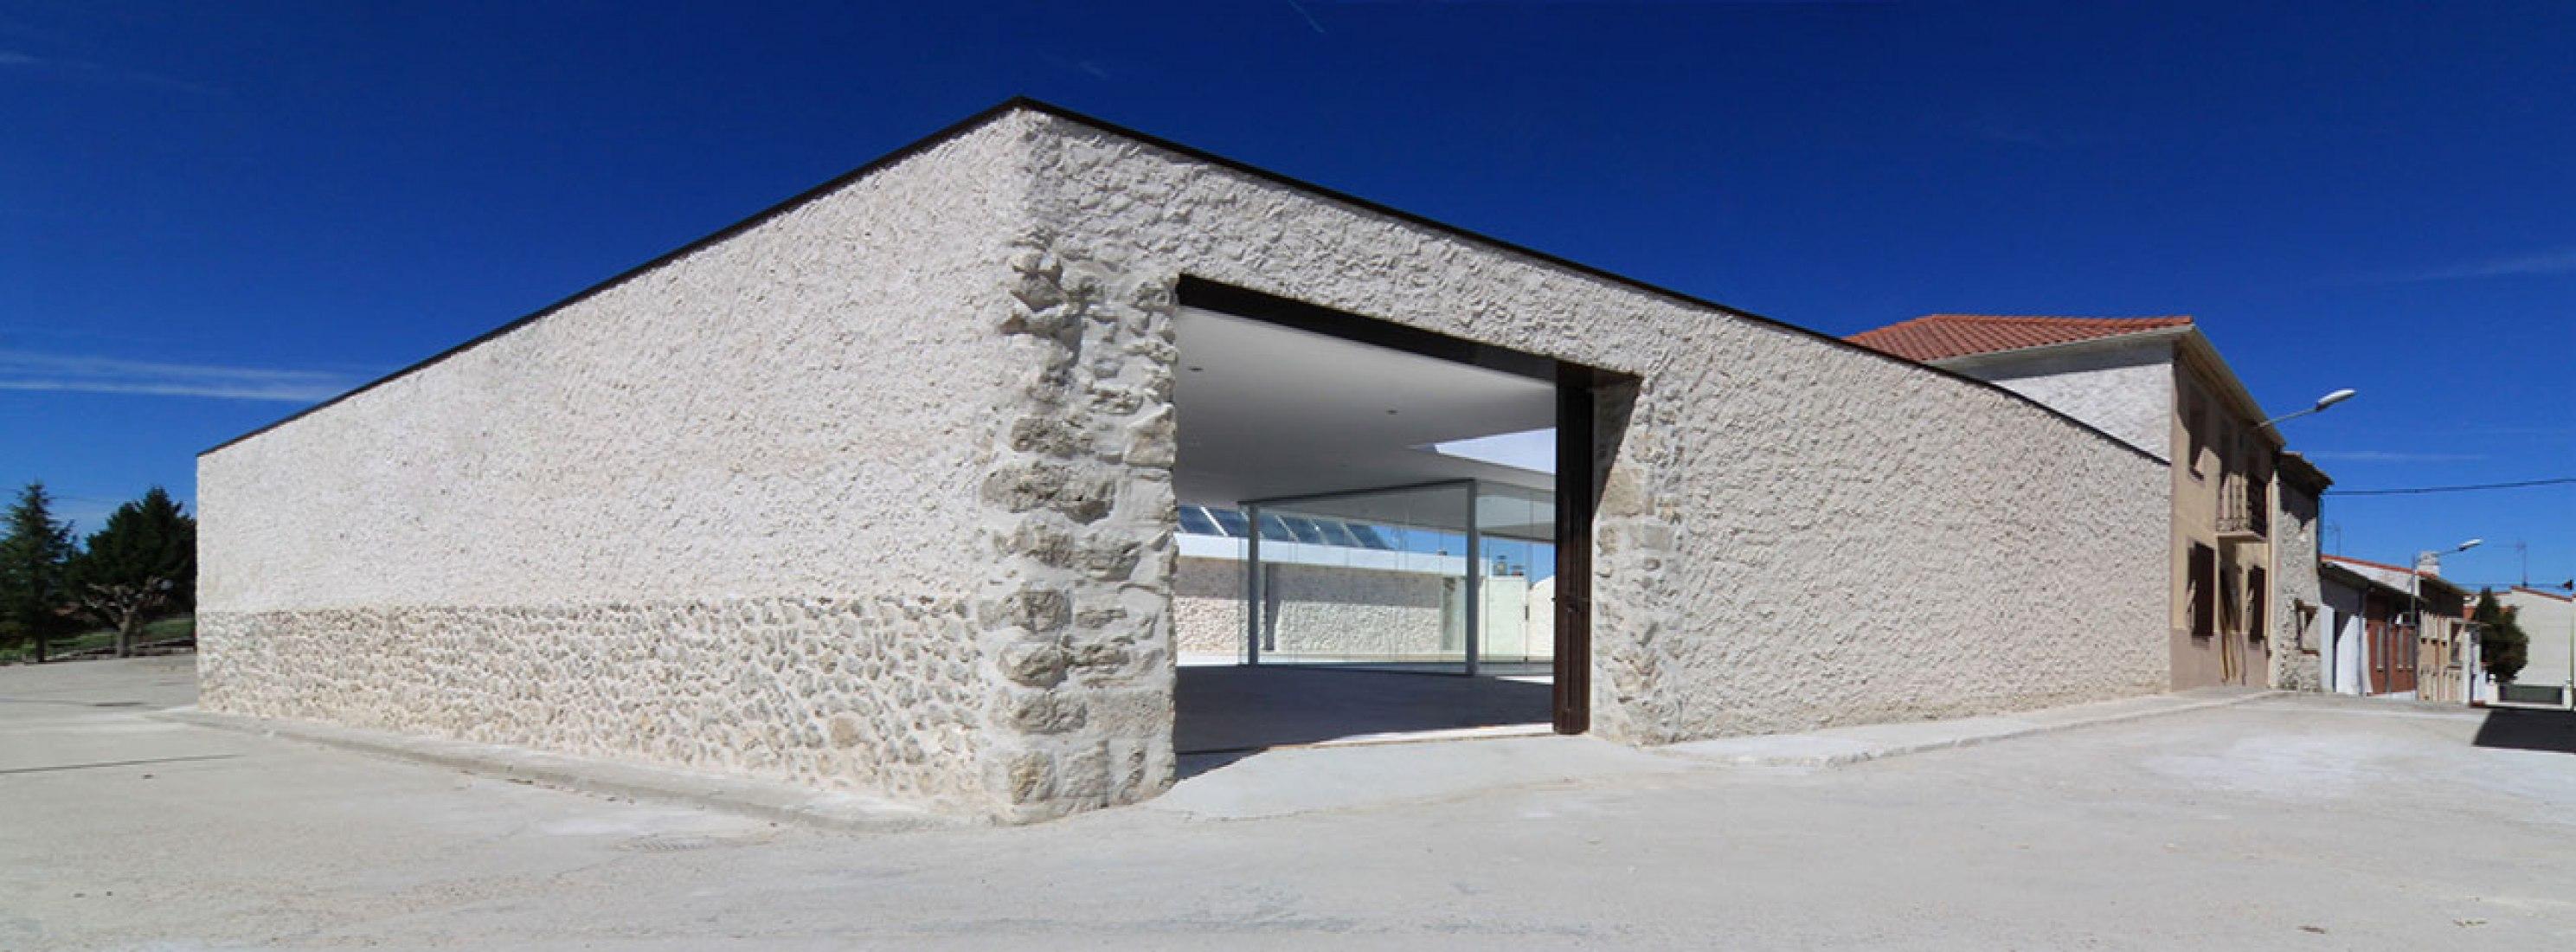 Vista del acceso. Patio en Santibañez por Óscar Miguel Ares Álvarez. Fotografía © Jesús J. Ruiz Alonso.